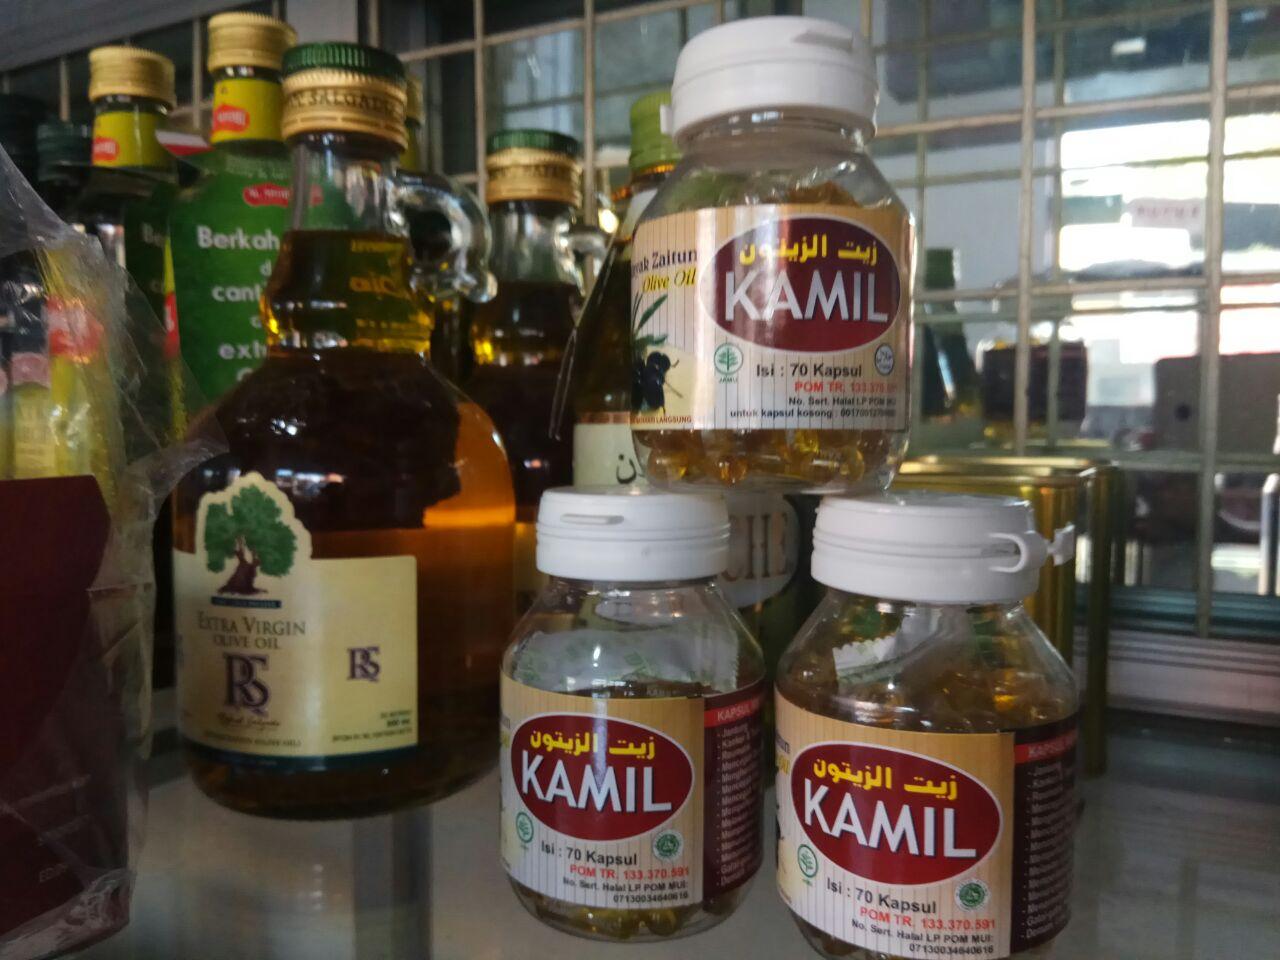 jual minyak zaitun kamil semarang